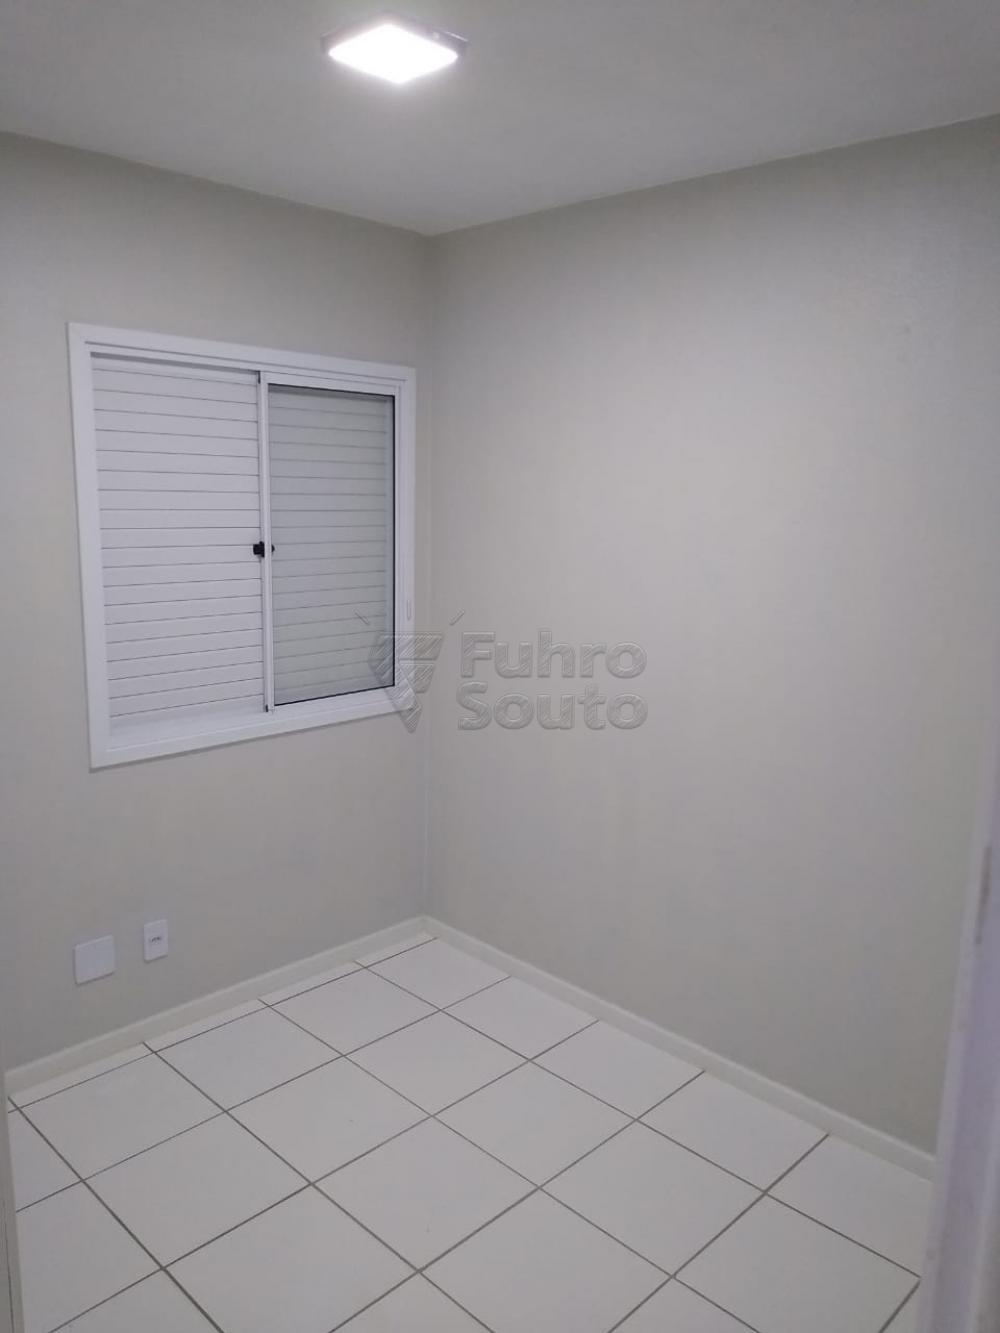 Alugar Casa / Condomínio em Pelotas R$ 700,00 - Foto 4